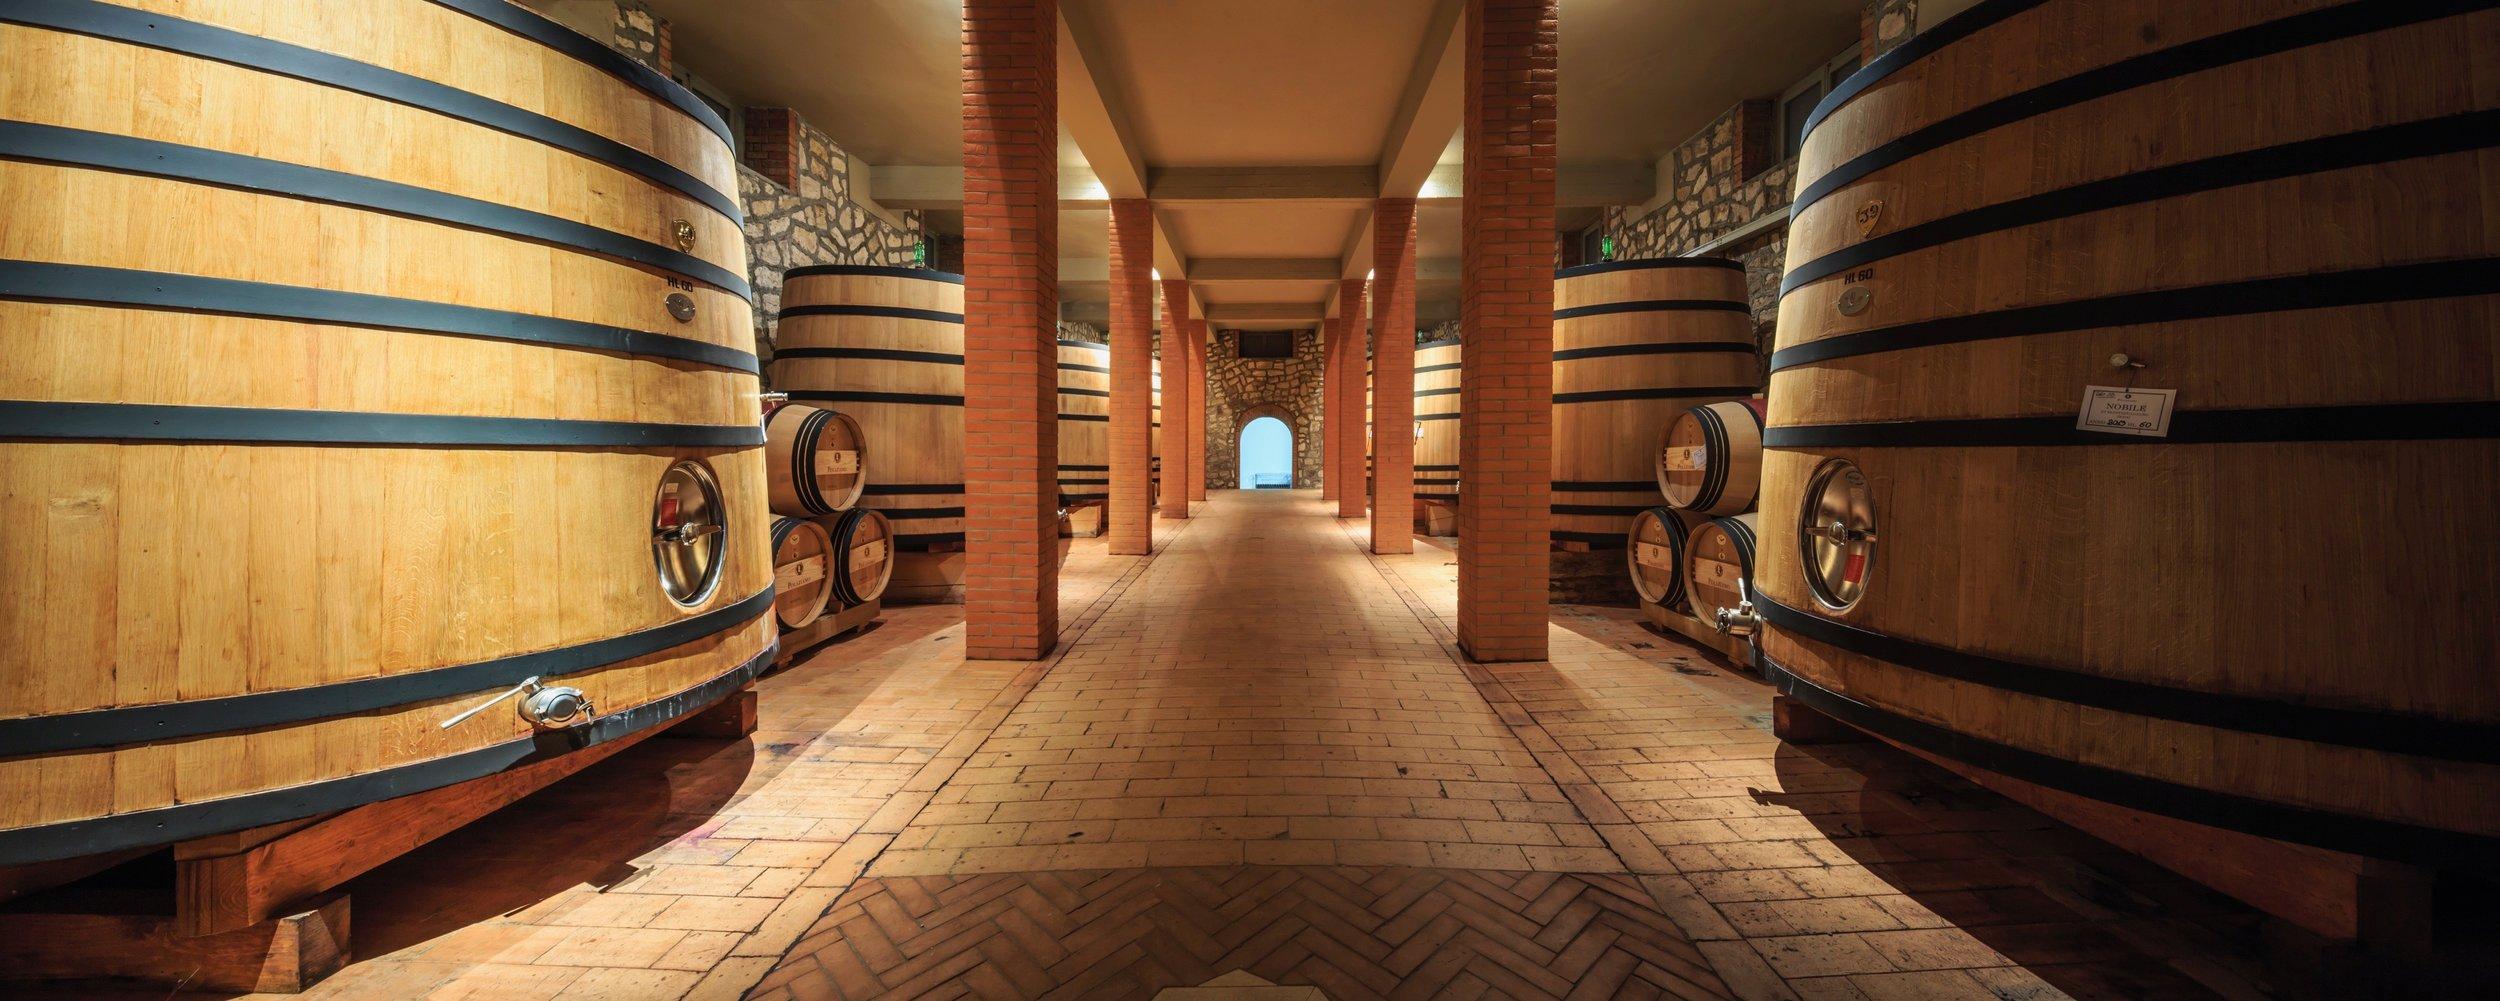 old ageing cellar.jpg